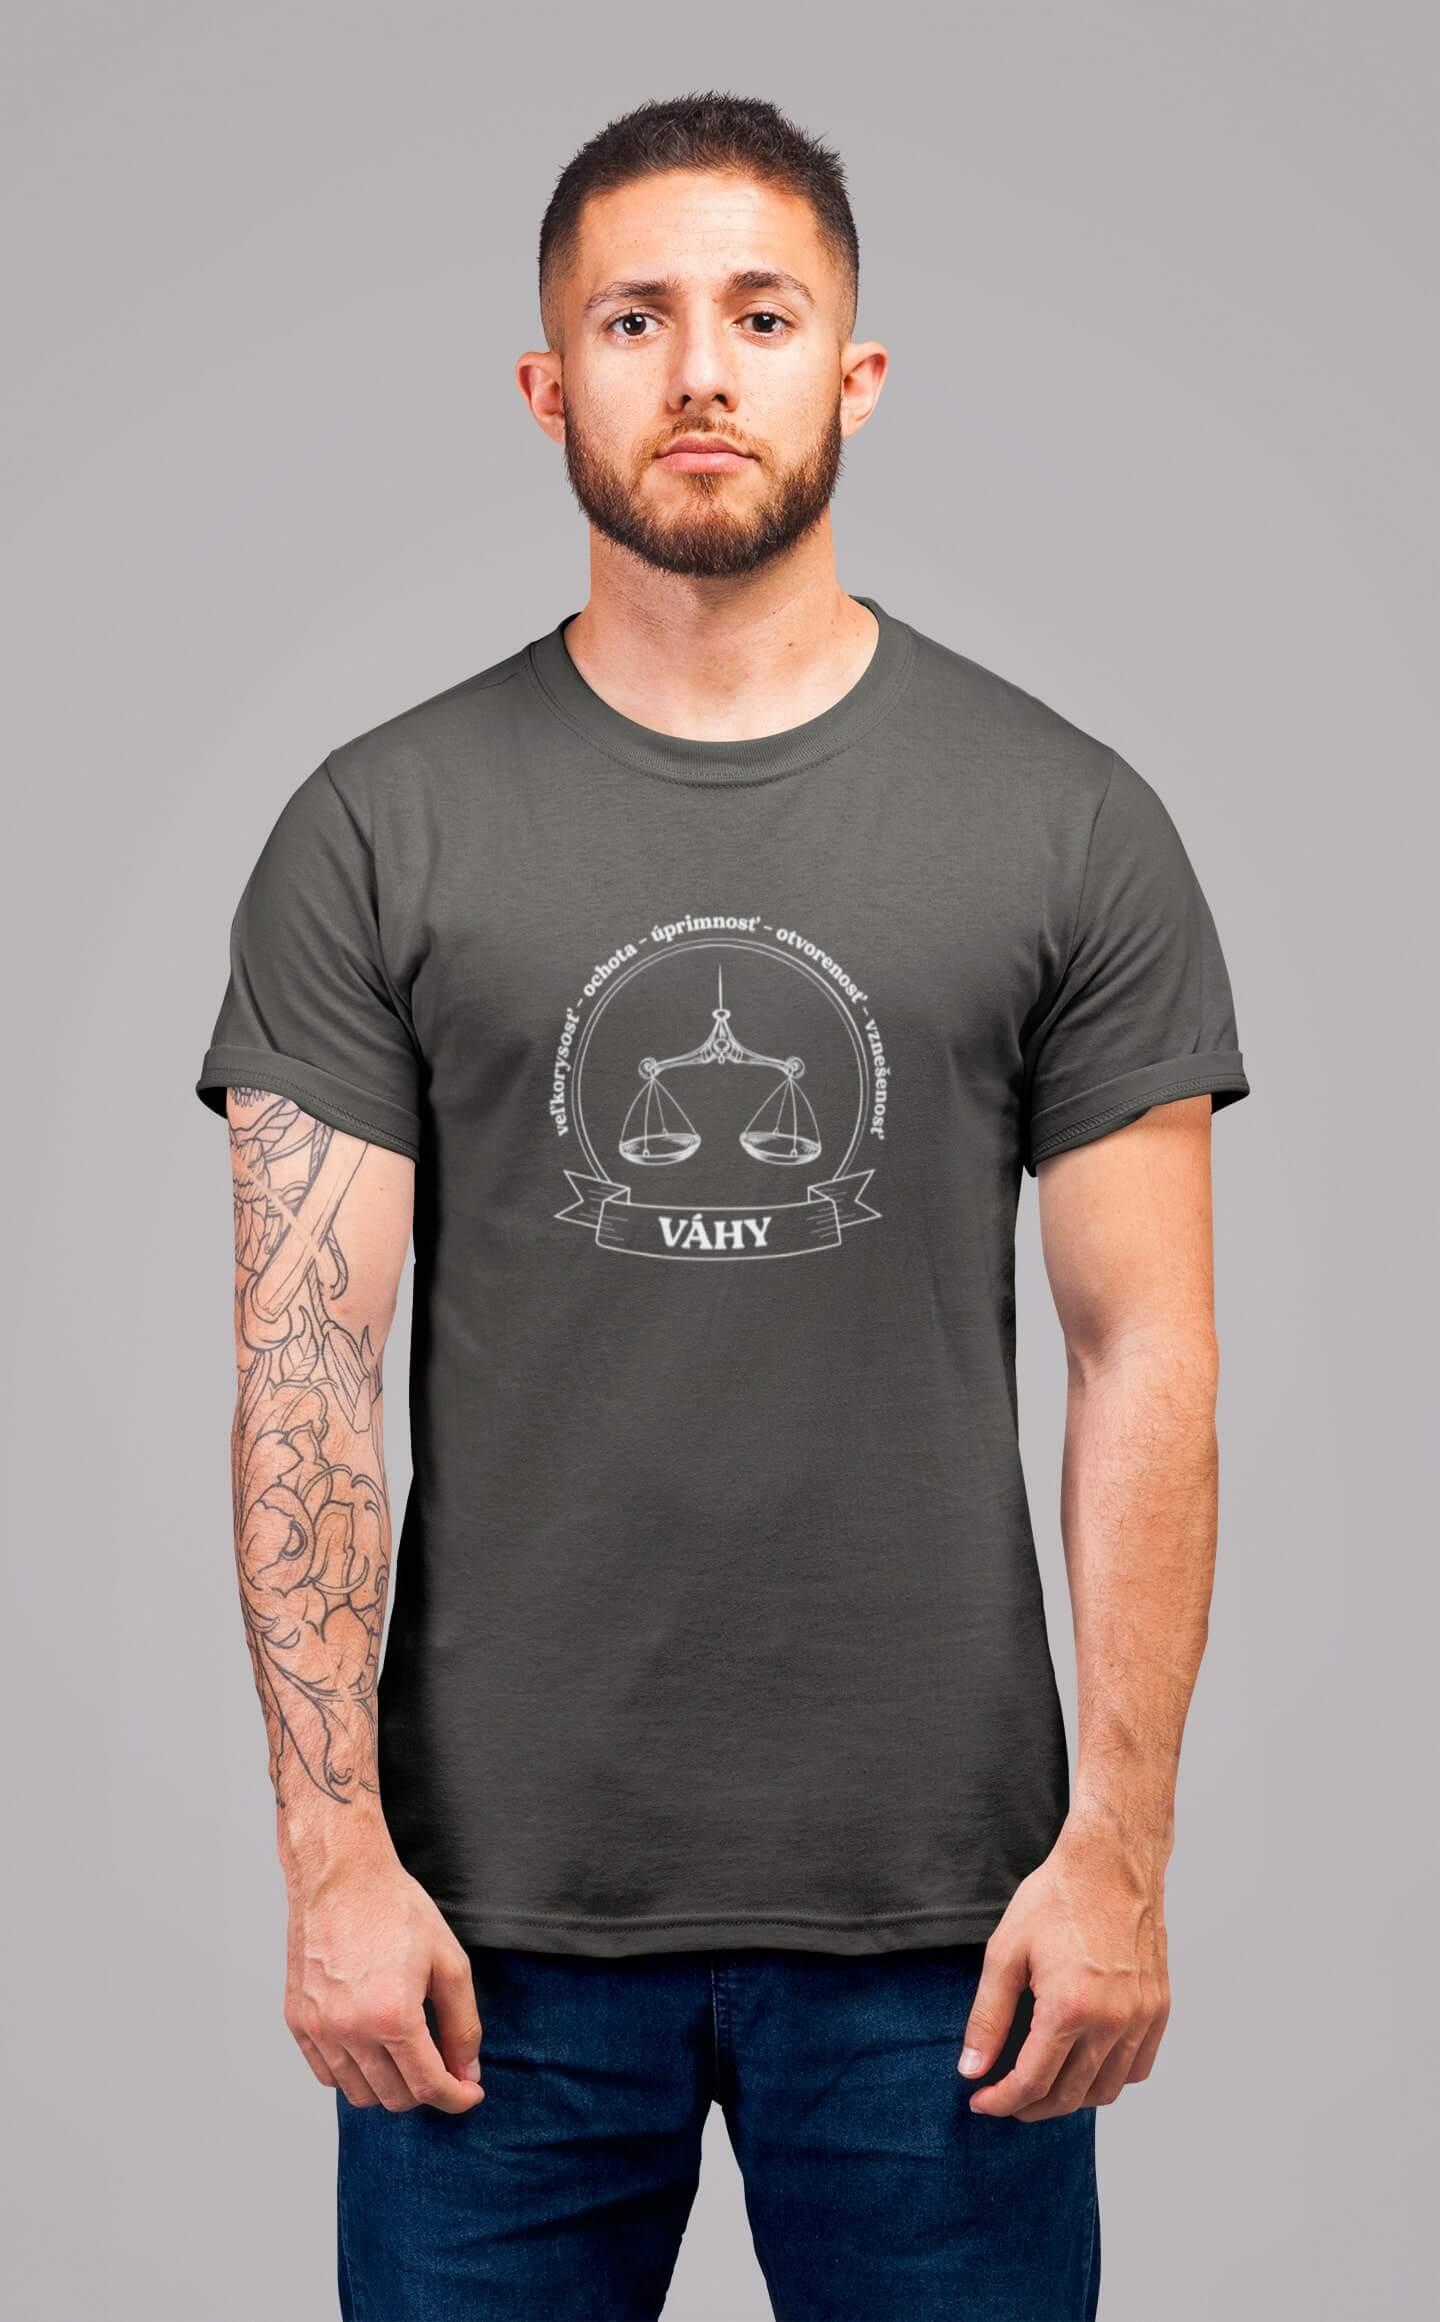 MMO Pánske tričko Váhy Vyberte farbu: Tmavá bridlica, Vyberte veľkosť: XL